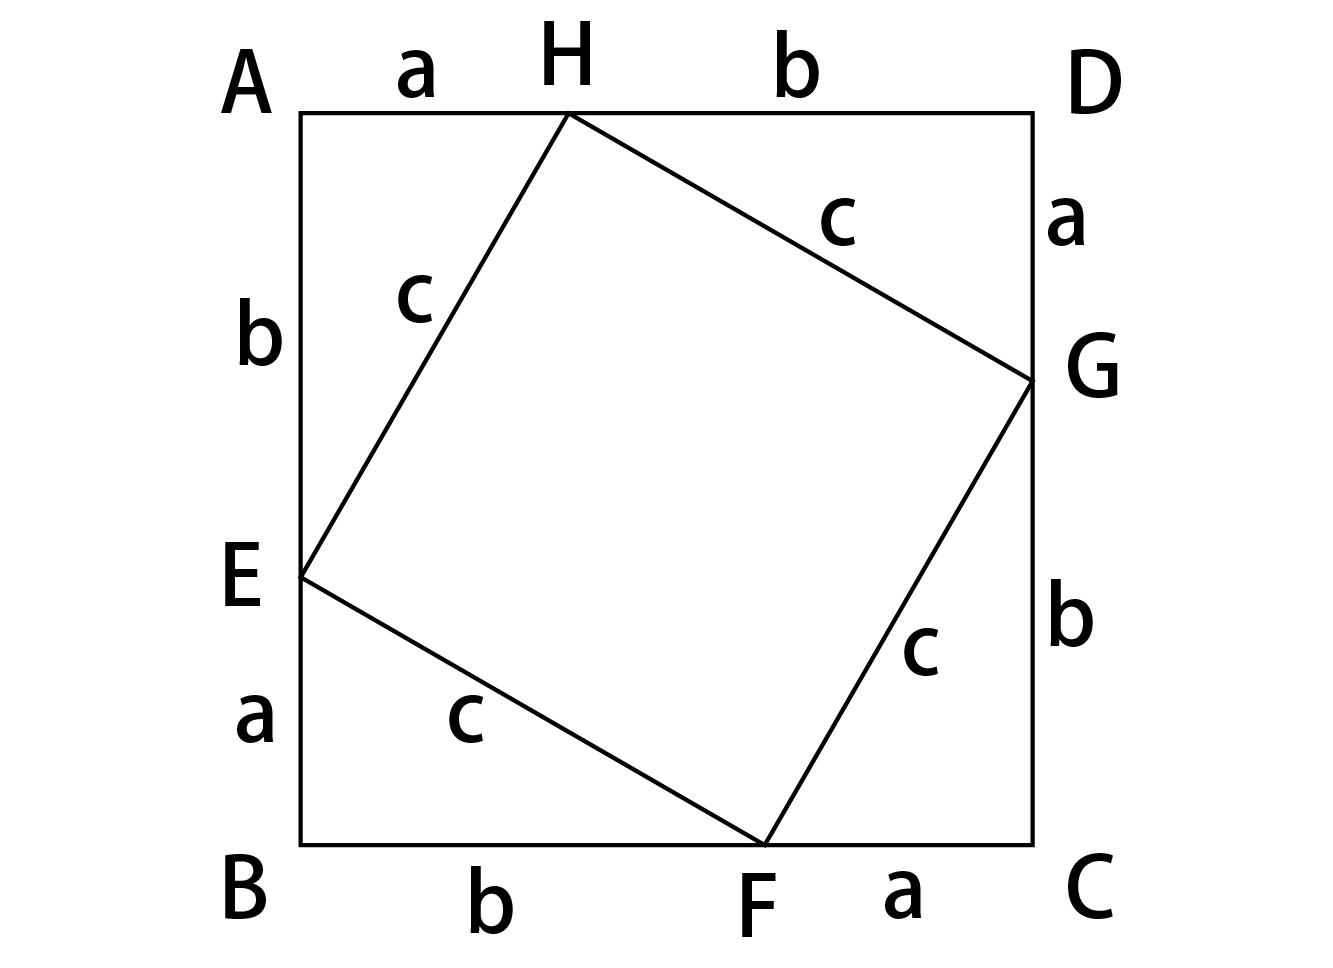 正方形ABCD